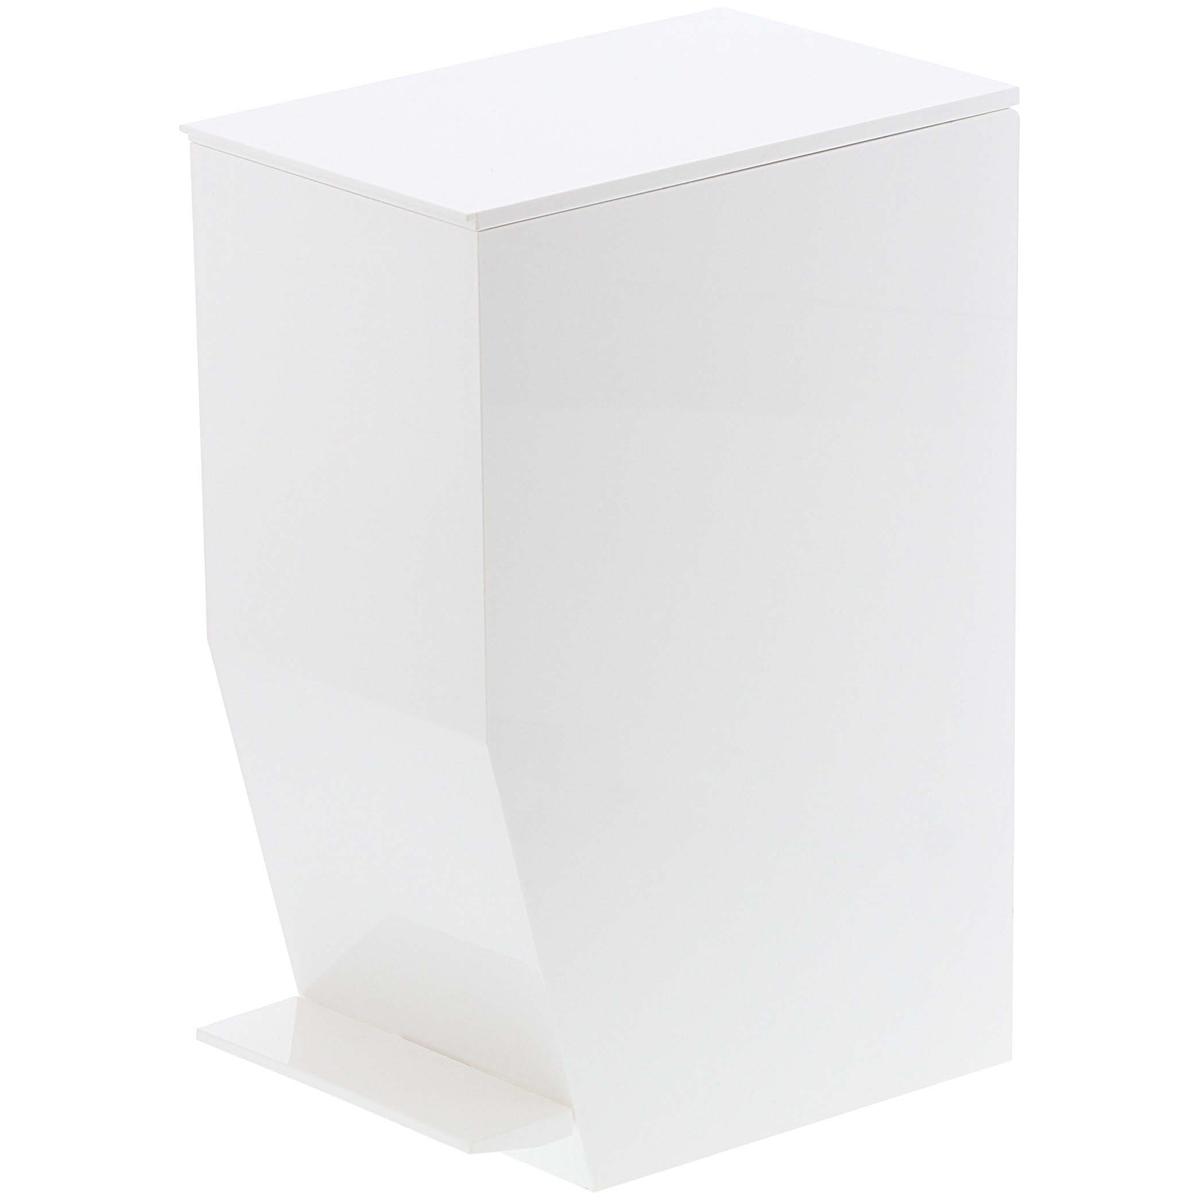 格安 価格でご提供いたします 3 980円以上で送料無料 山崎実業のゴミ箱 TOWER ペダル式トイレポット 予約 ふた付き おしゃれ ホワイトがおしゃれ タワー ゴミ箱 ダストボックス ホワイト YAMAZAKI 山崎実業 ごみ箱